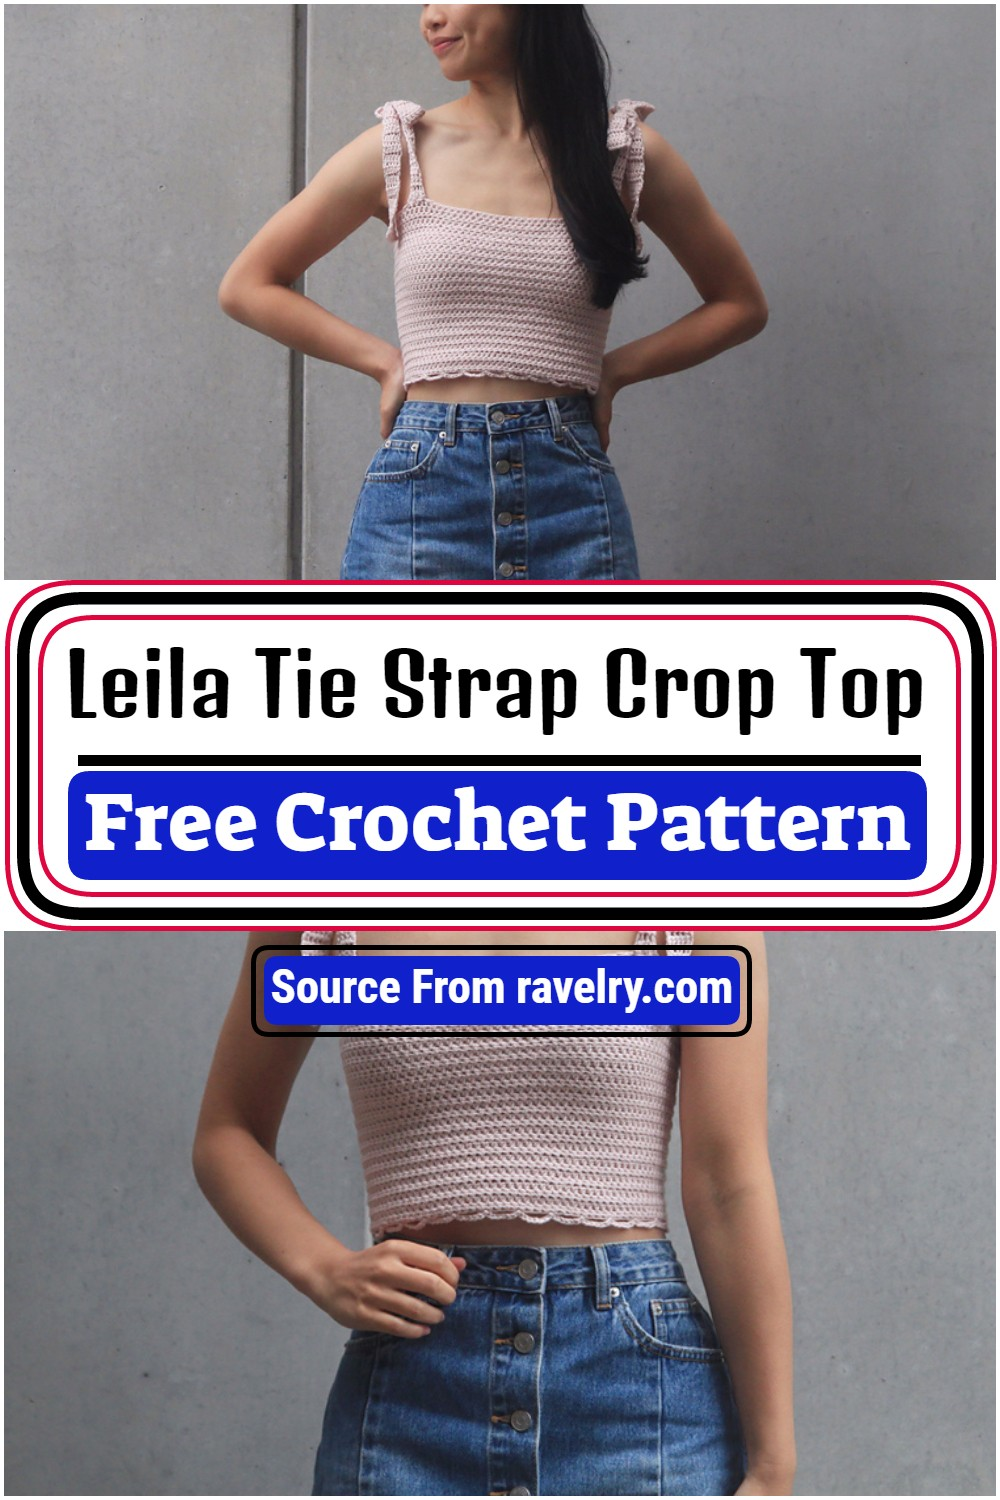 Free Crochet Leila Tie Strap Crop Top Pattern